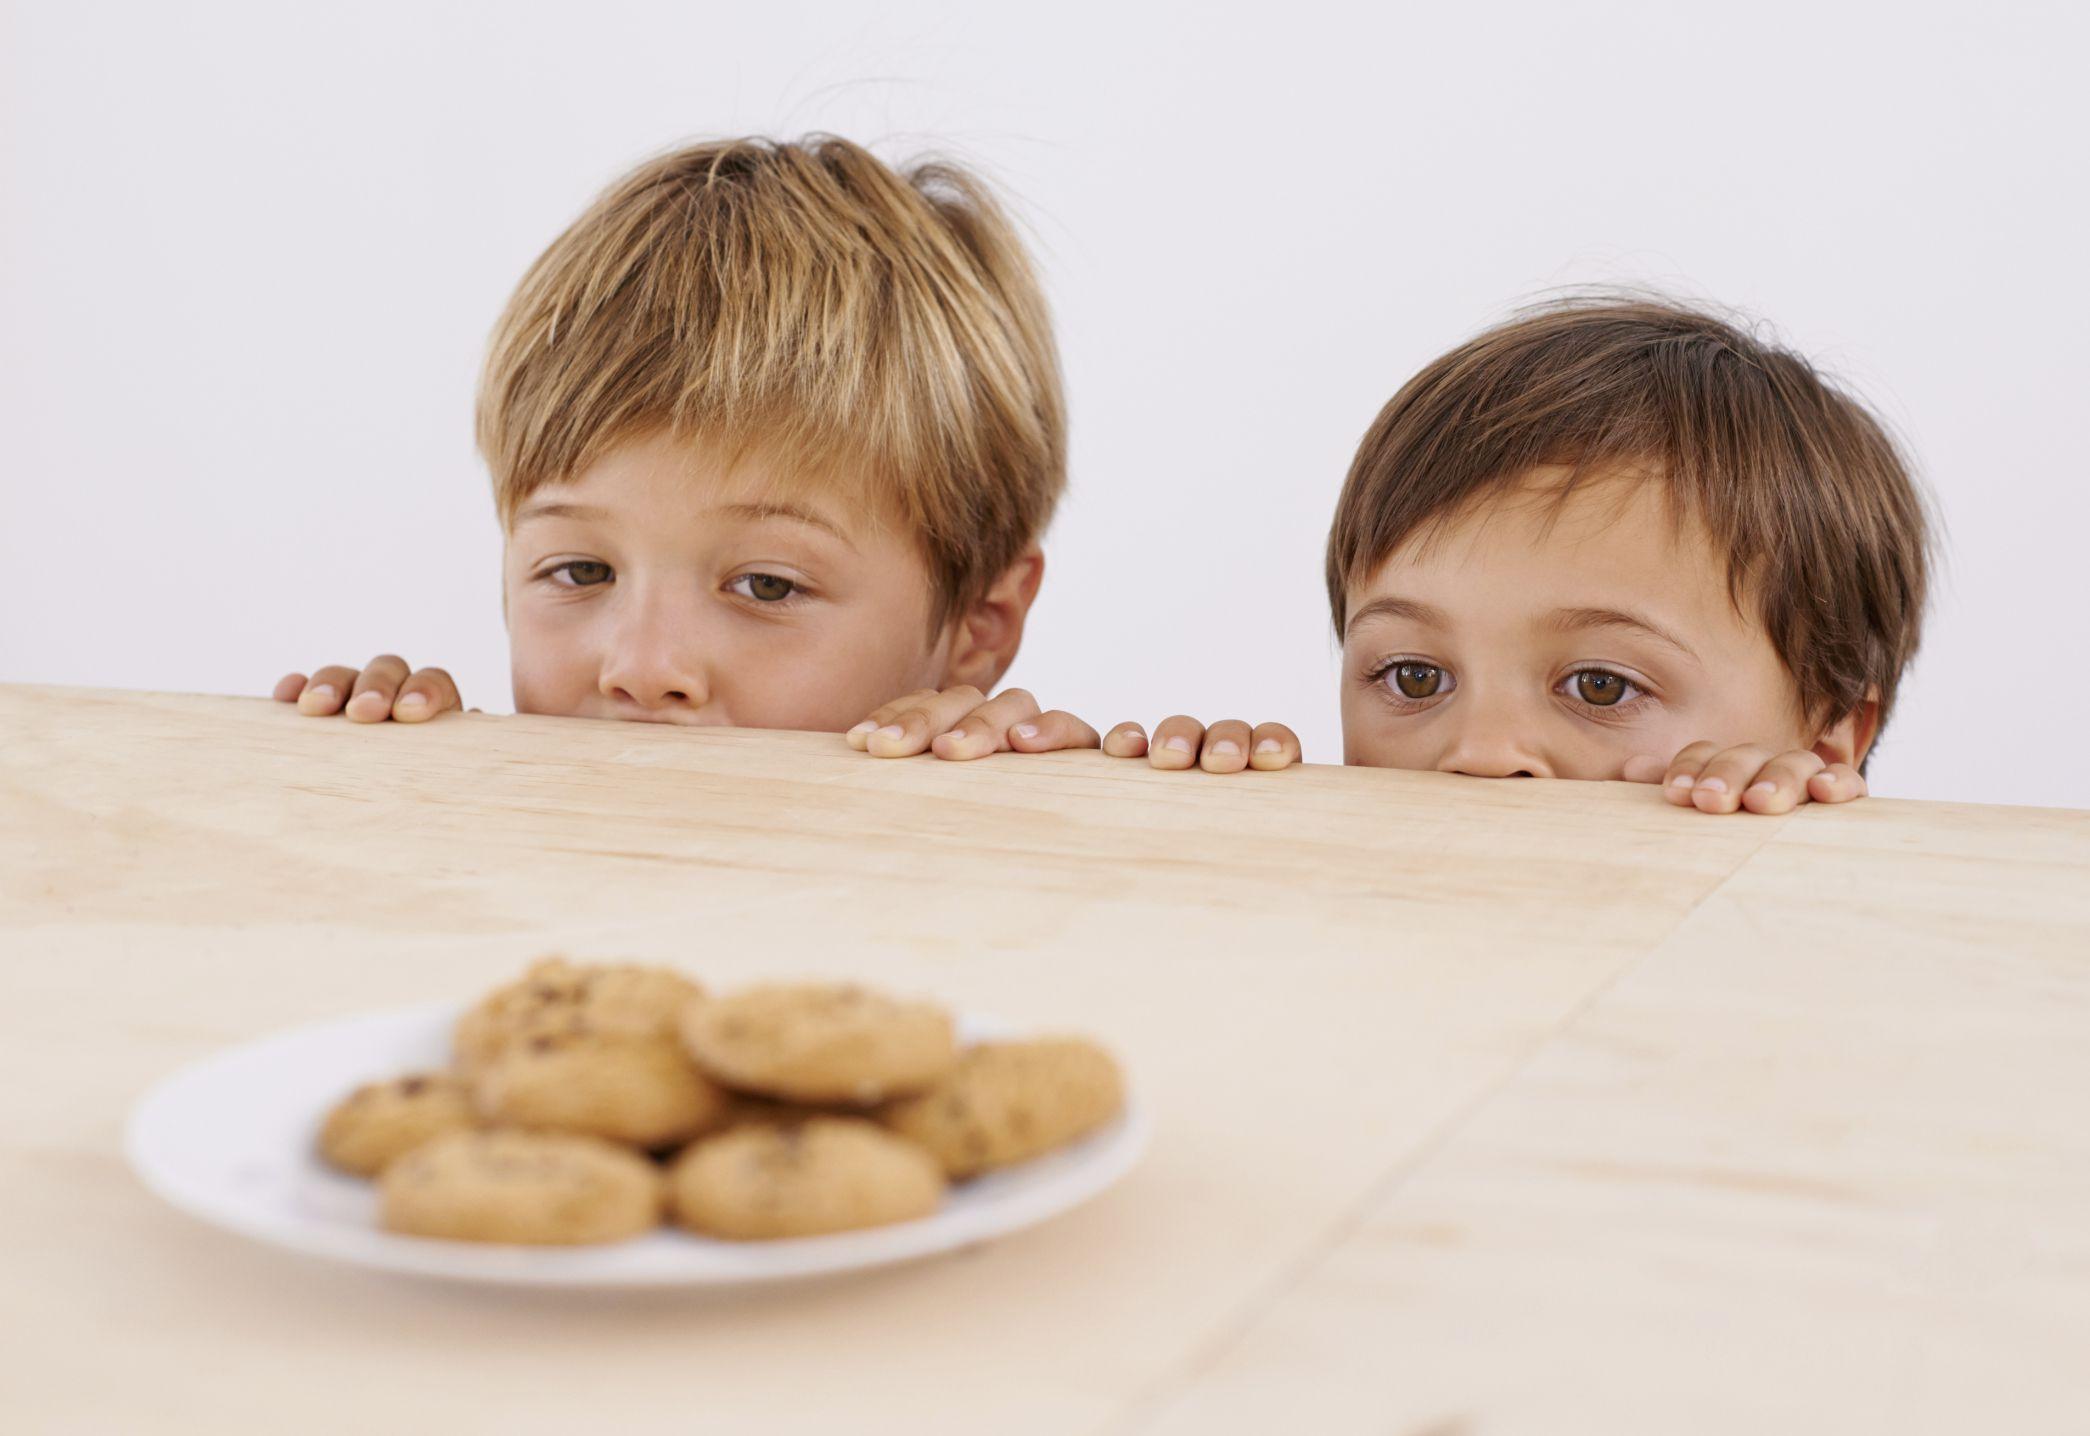 cookies tempting two children